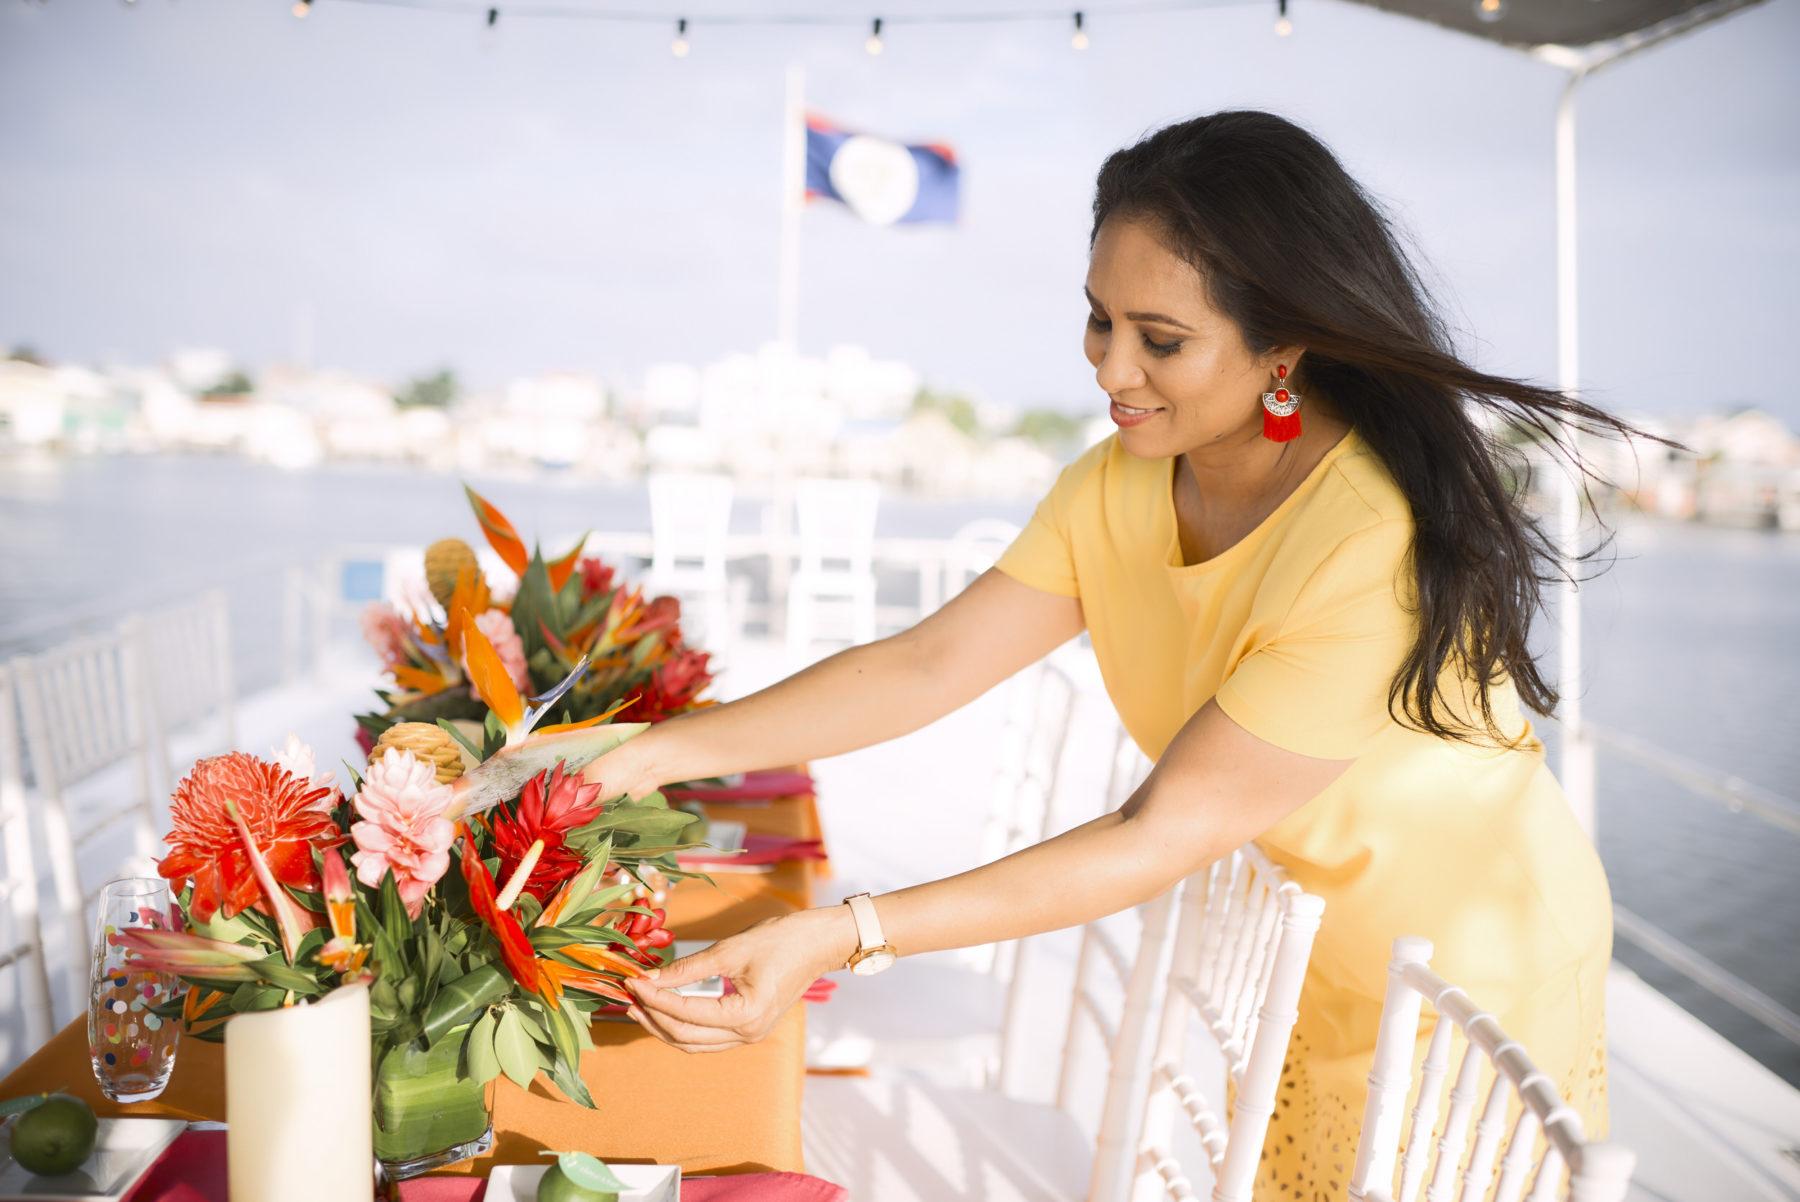 Table Arrangements, Sunset cruise Birthday celebration at Ambergris Caye, Belize